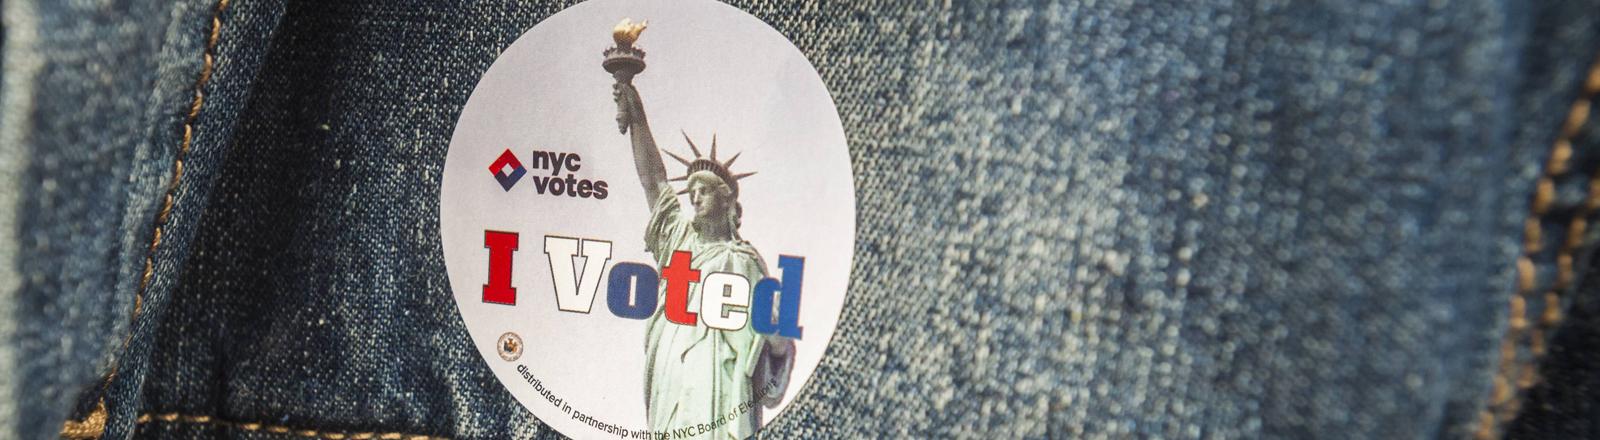 """Ein """"I Voted"""" Sticker auf einer Jeansjacke"""